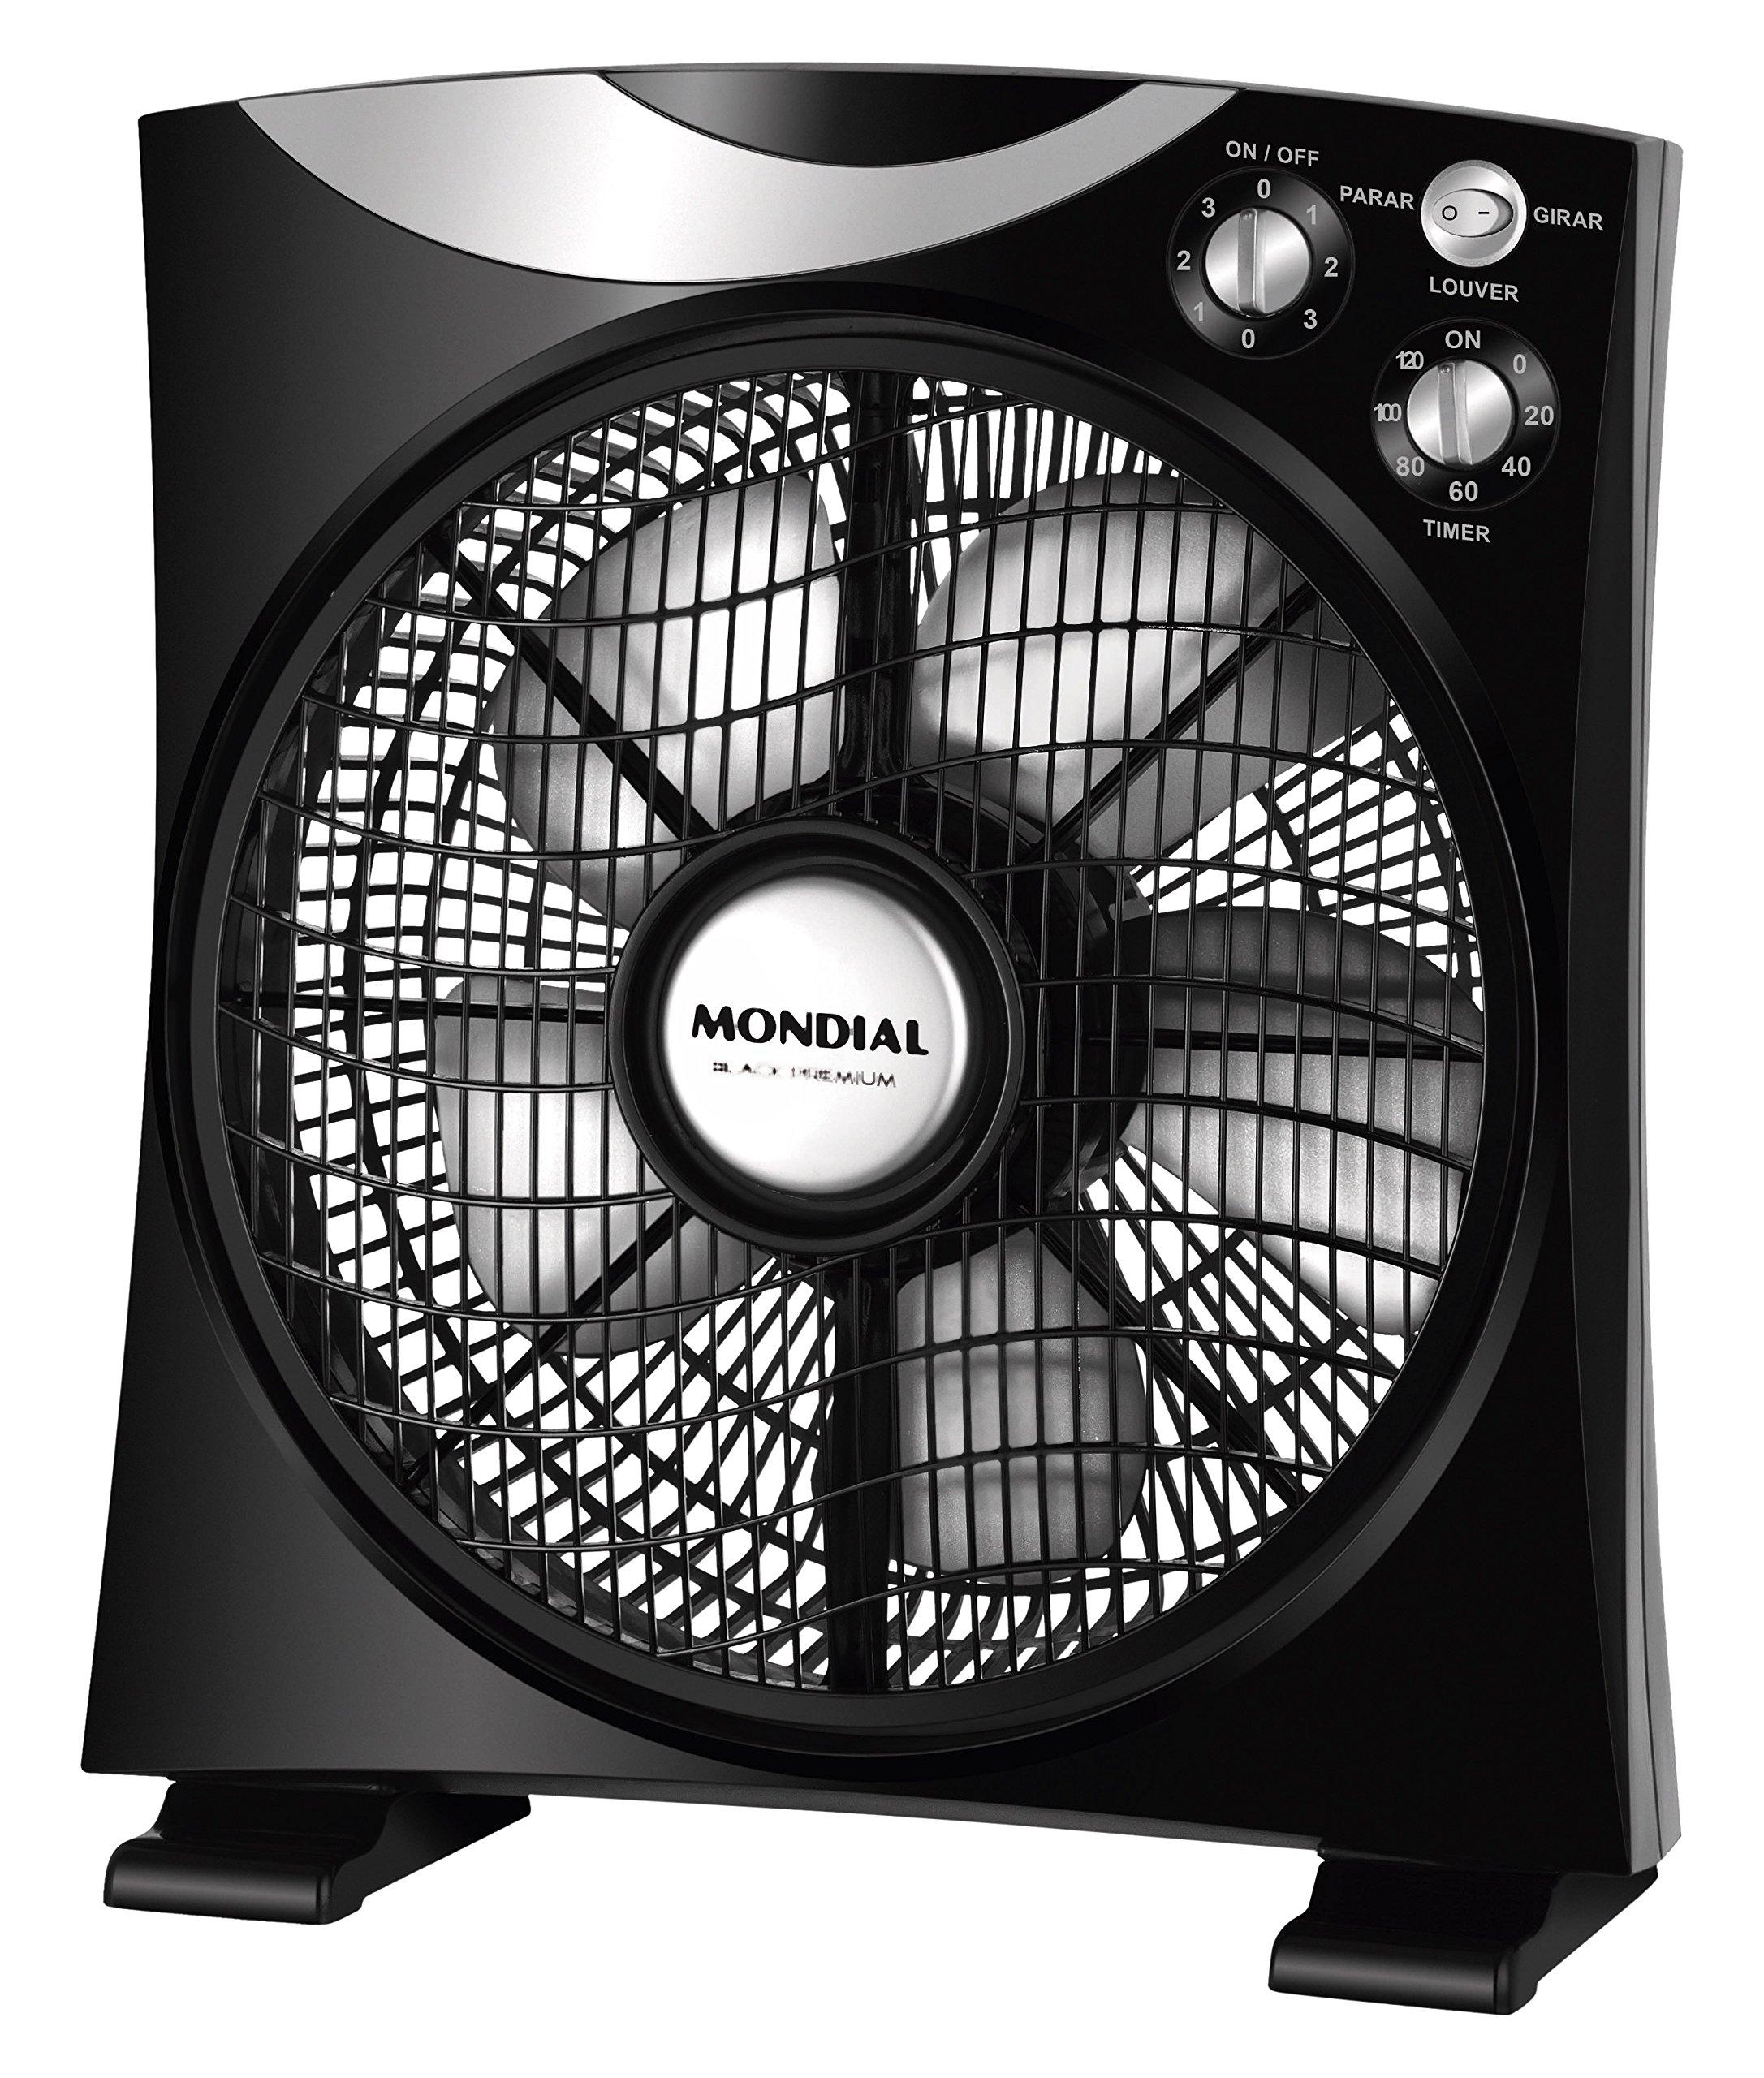 Mondial CA04 Ventilador, Negro: Mondial: Amazon.es: Hogar